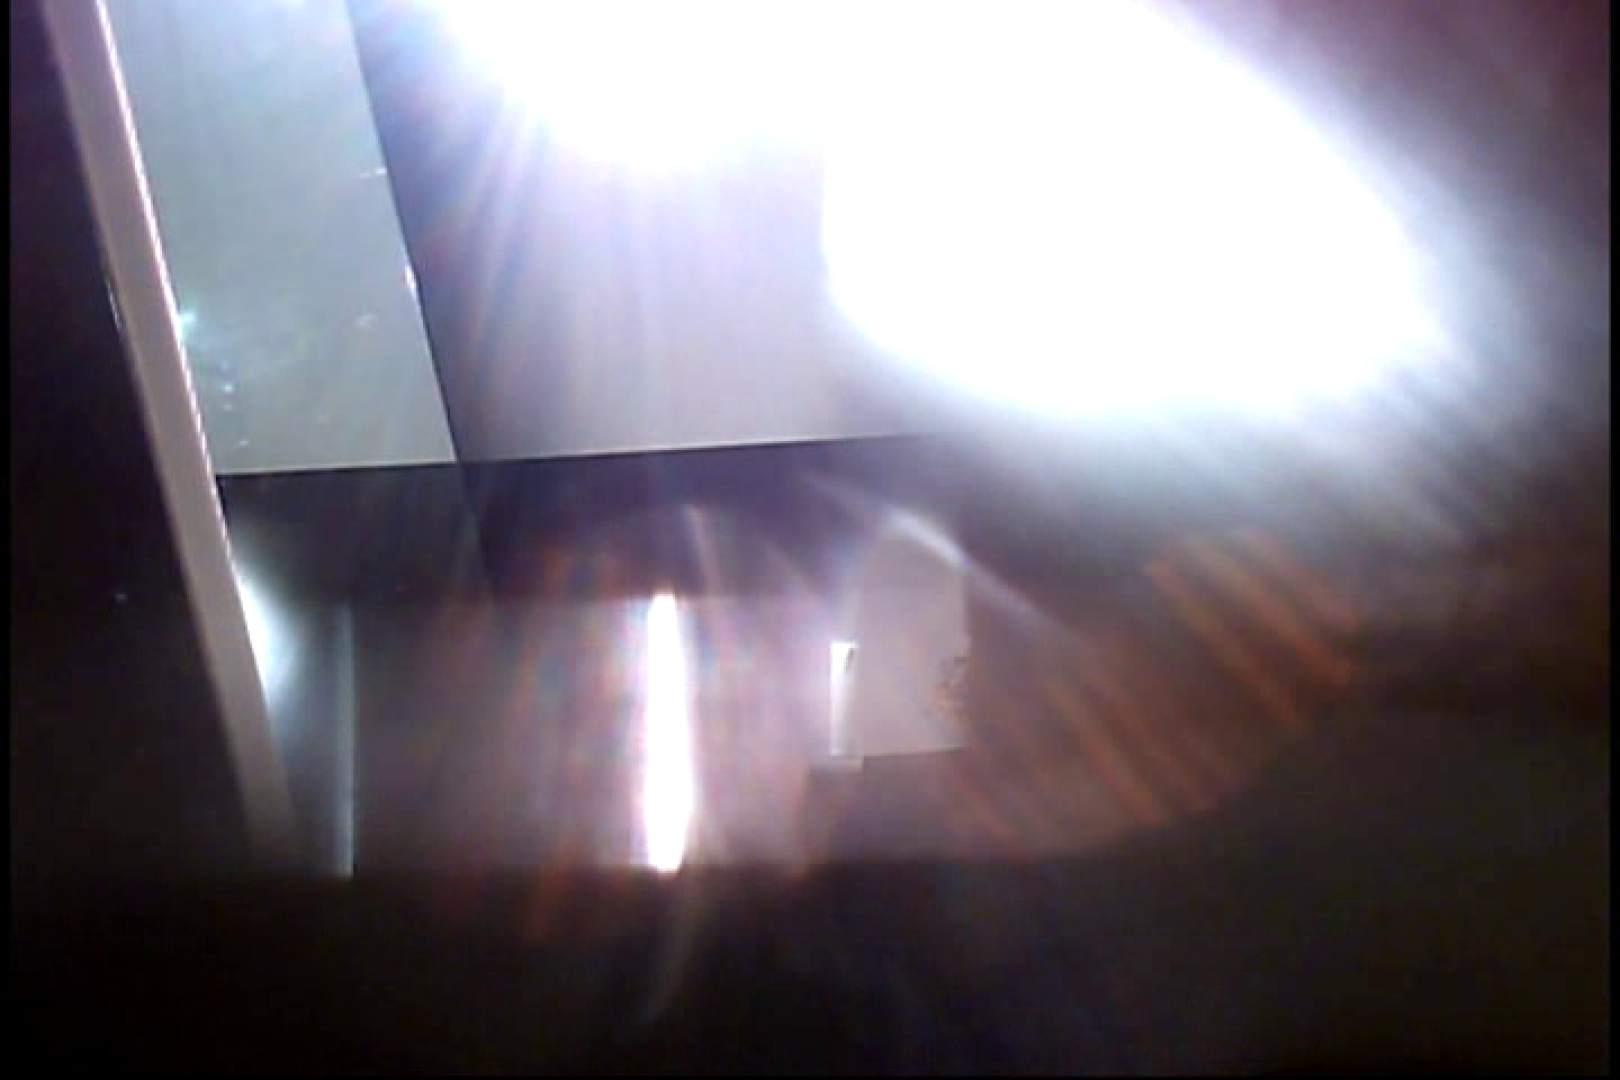 亀さんかわや VIPバージョン! vol.38 オマンコ 盗撮アダルト動画キャプチャ 104連発 23